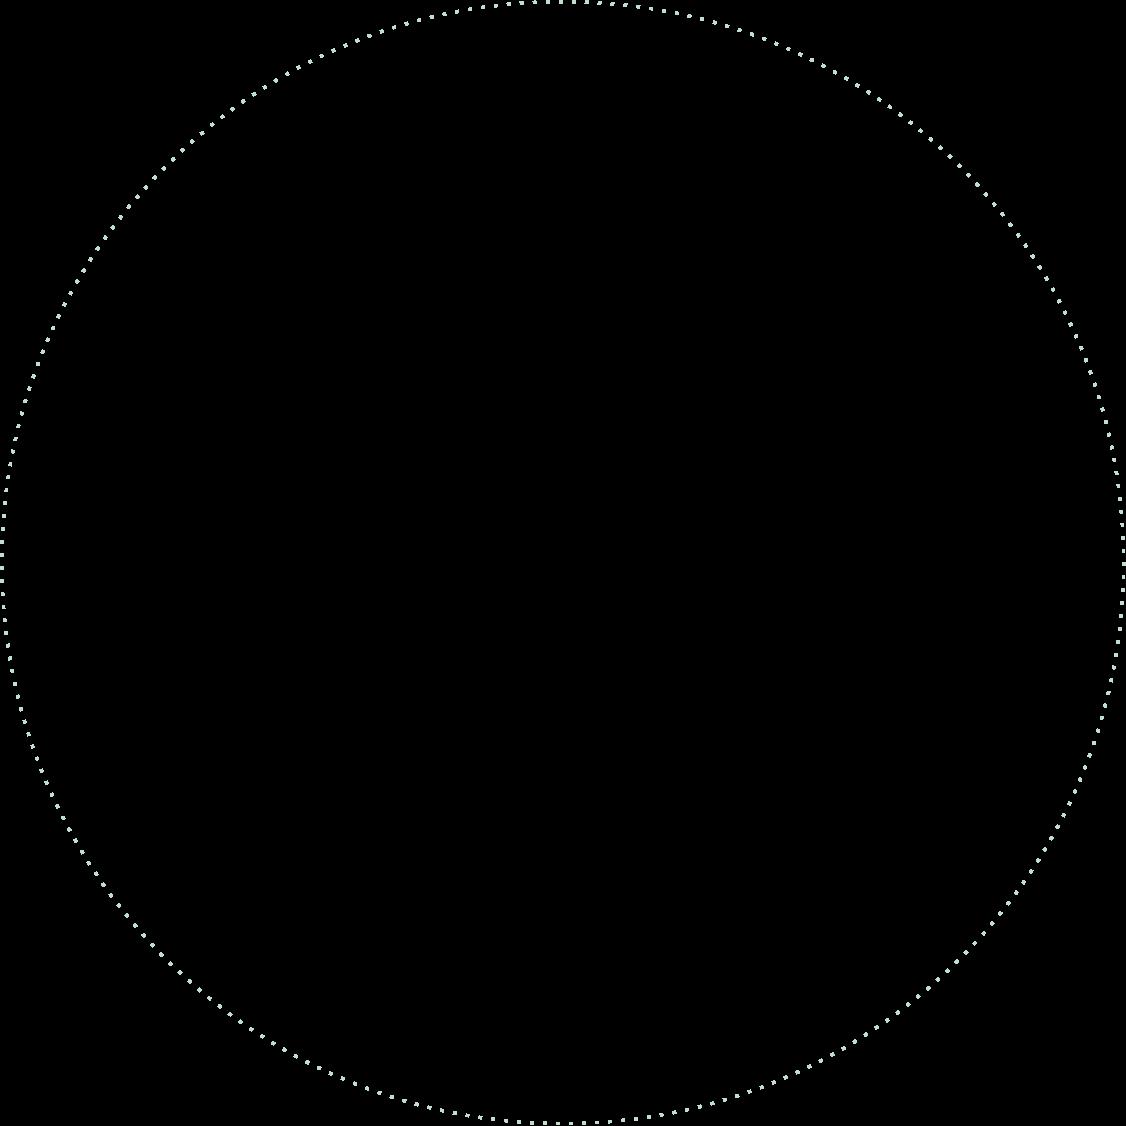 Dash Circle